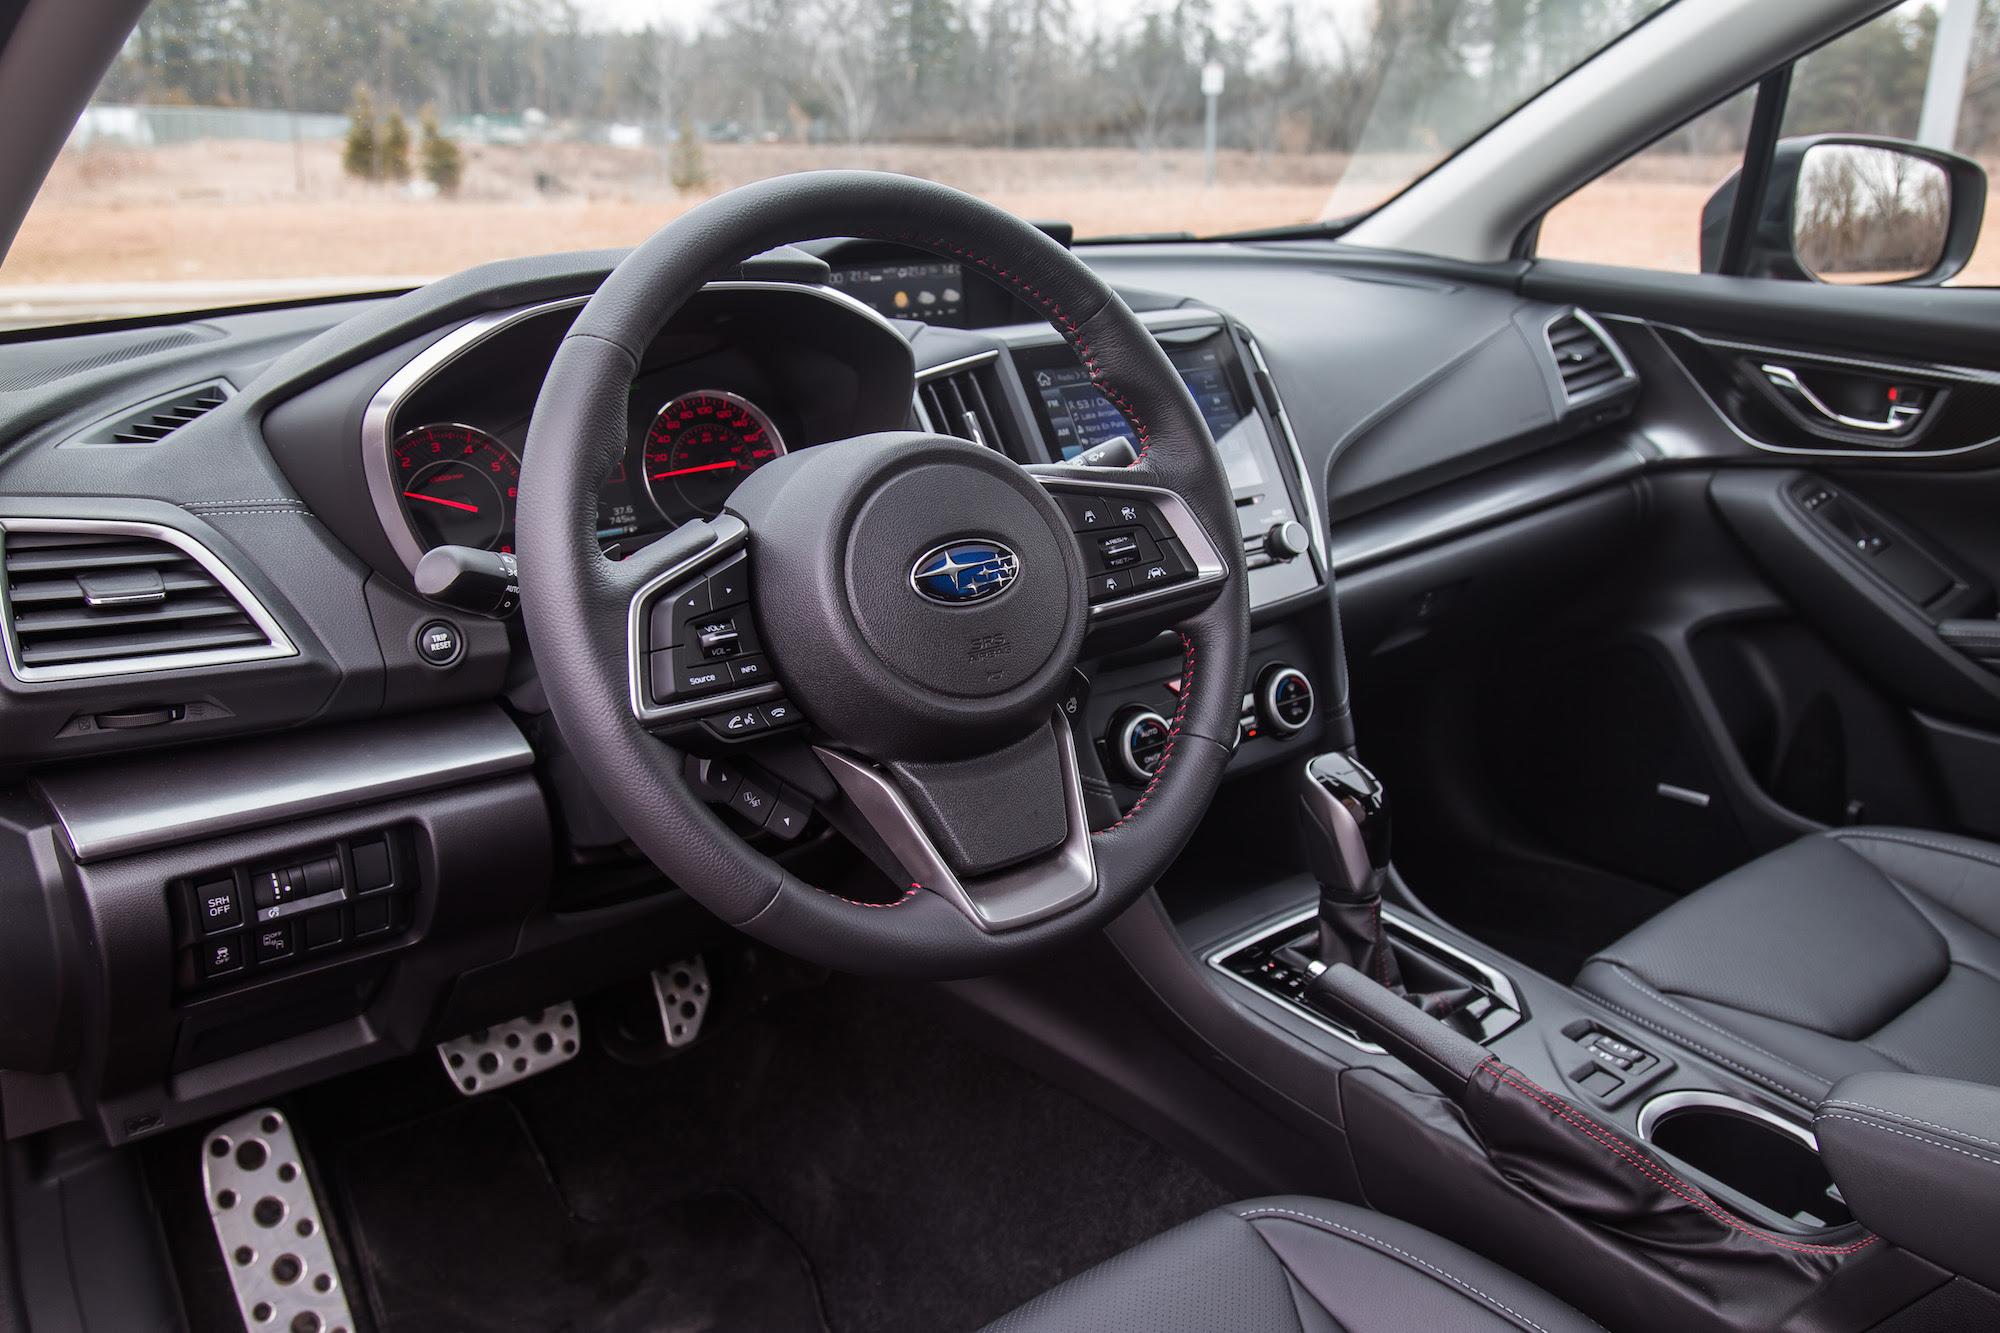 Review: 2017 Subaru